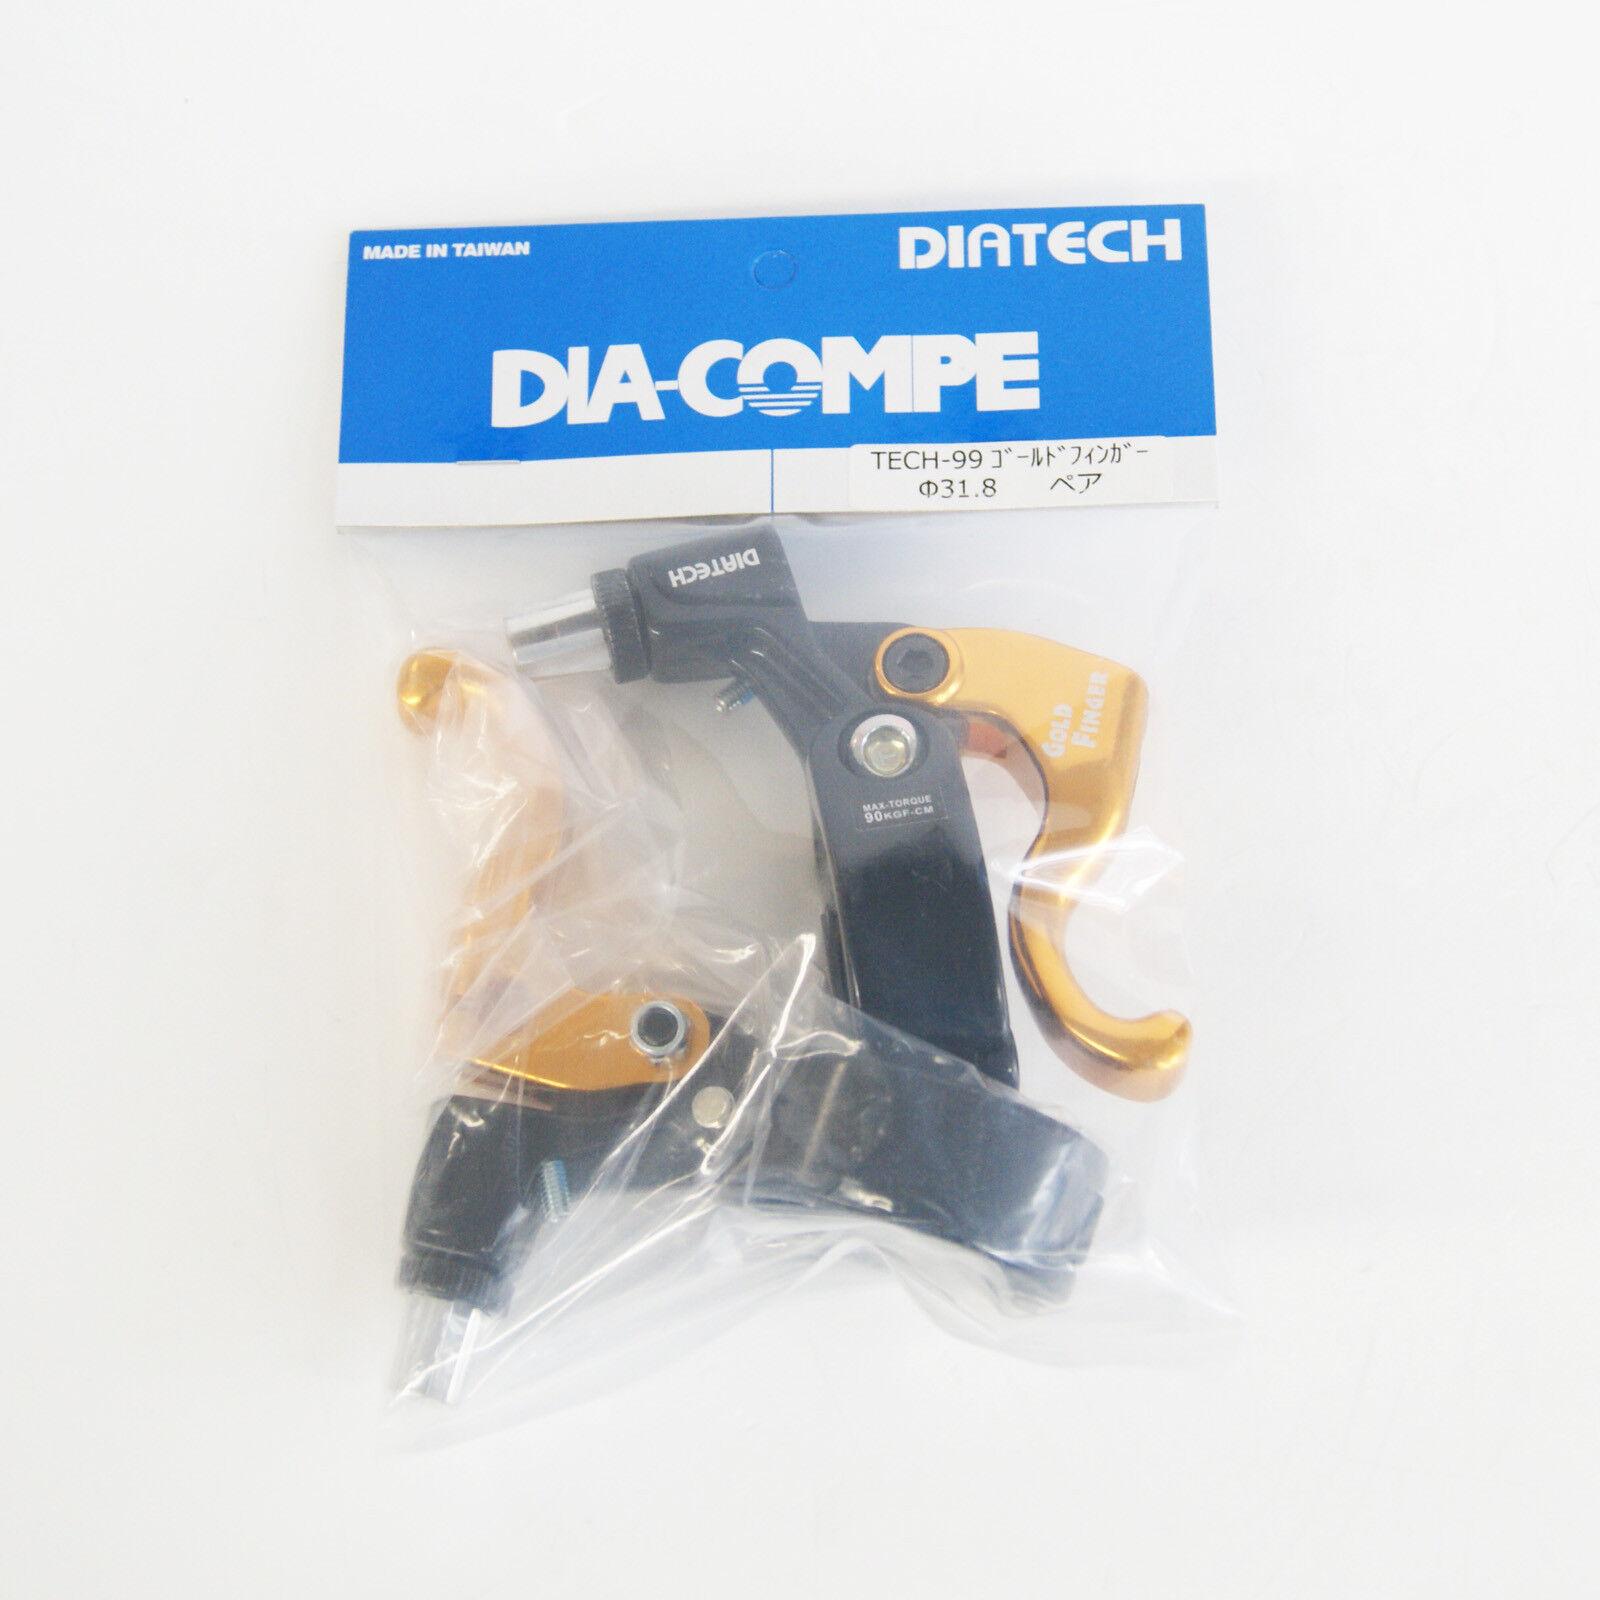 Dia-Compe TECH99 oro Dito 318 Leva Freno Sinistra Sinistra Sinistra e Destra (Paio) negro x oro 44e684